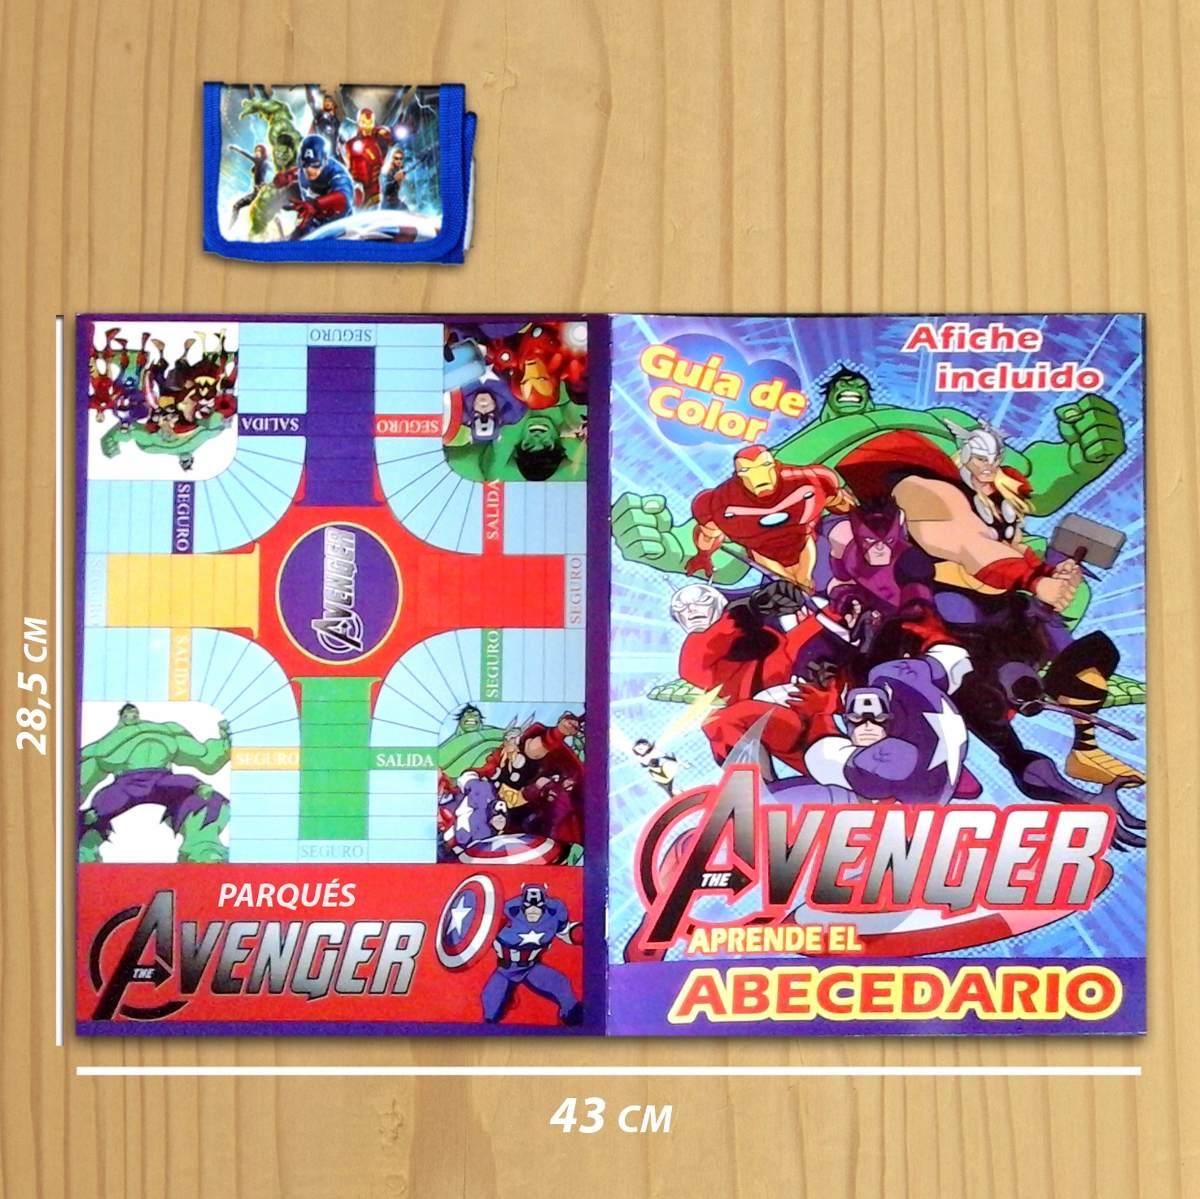 Libro Para Colorear The Avenger + Billetera De Superheroes ...